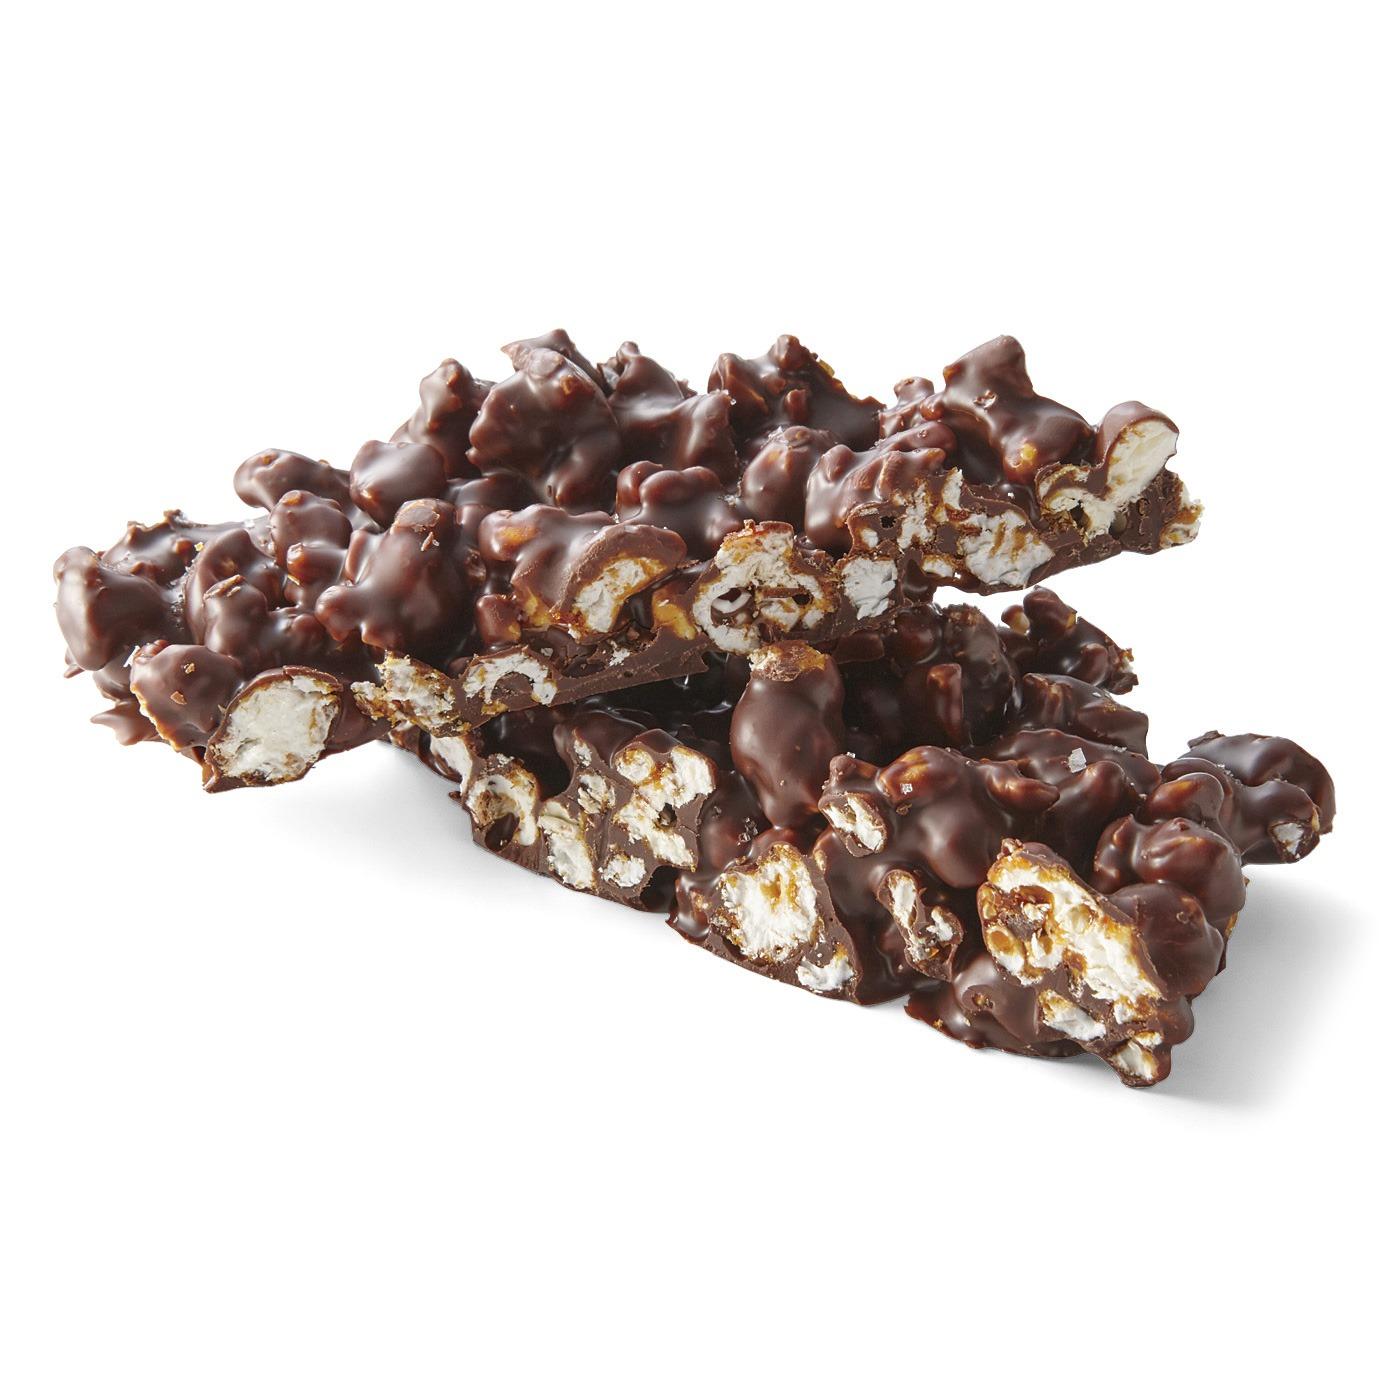 【ホワイトデイお届け】EHチョコレート キャラメルポップコーン